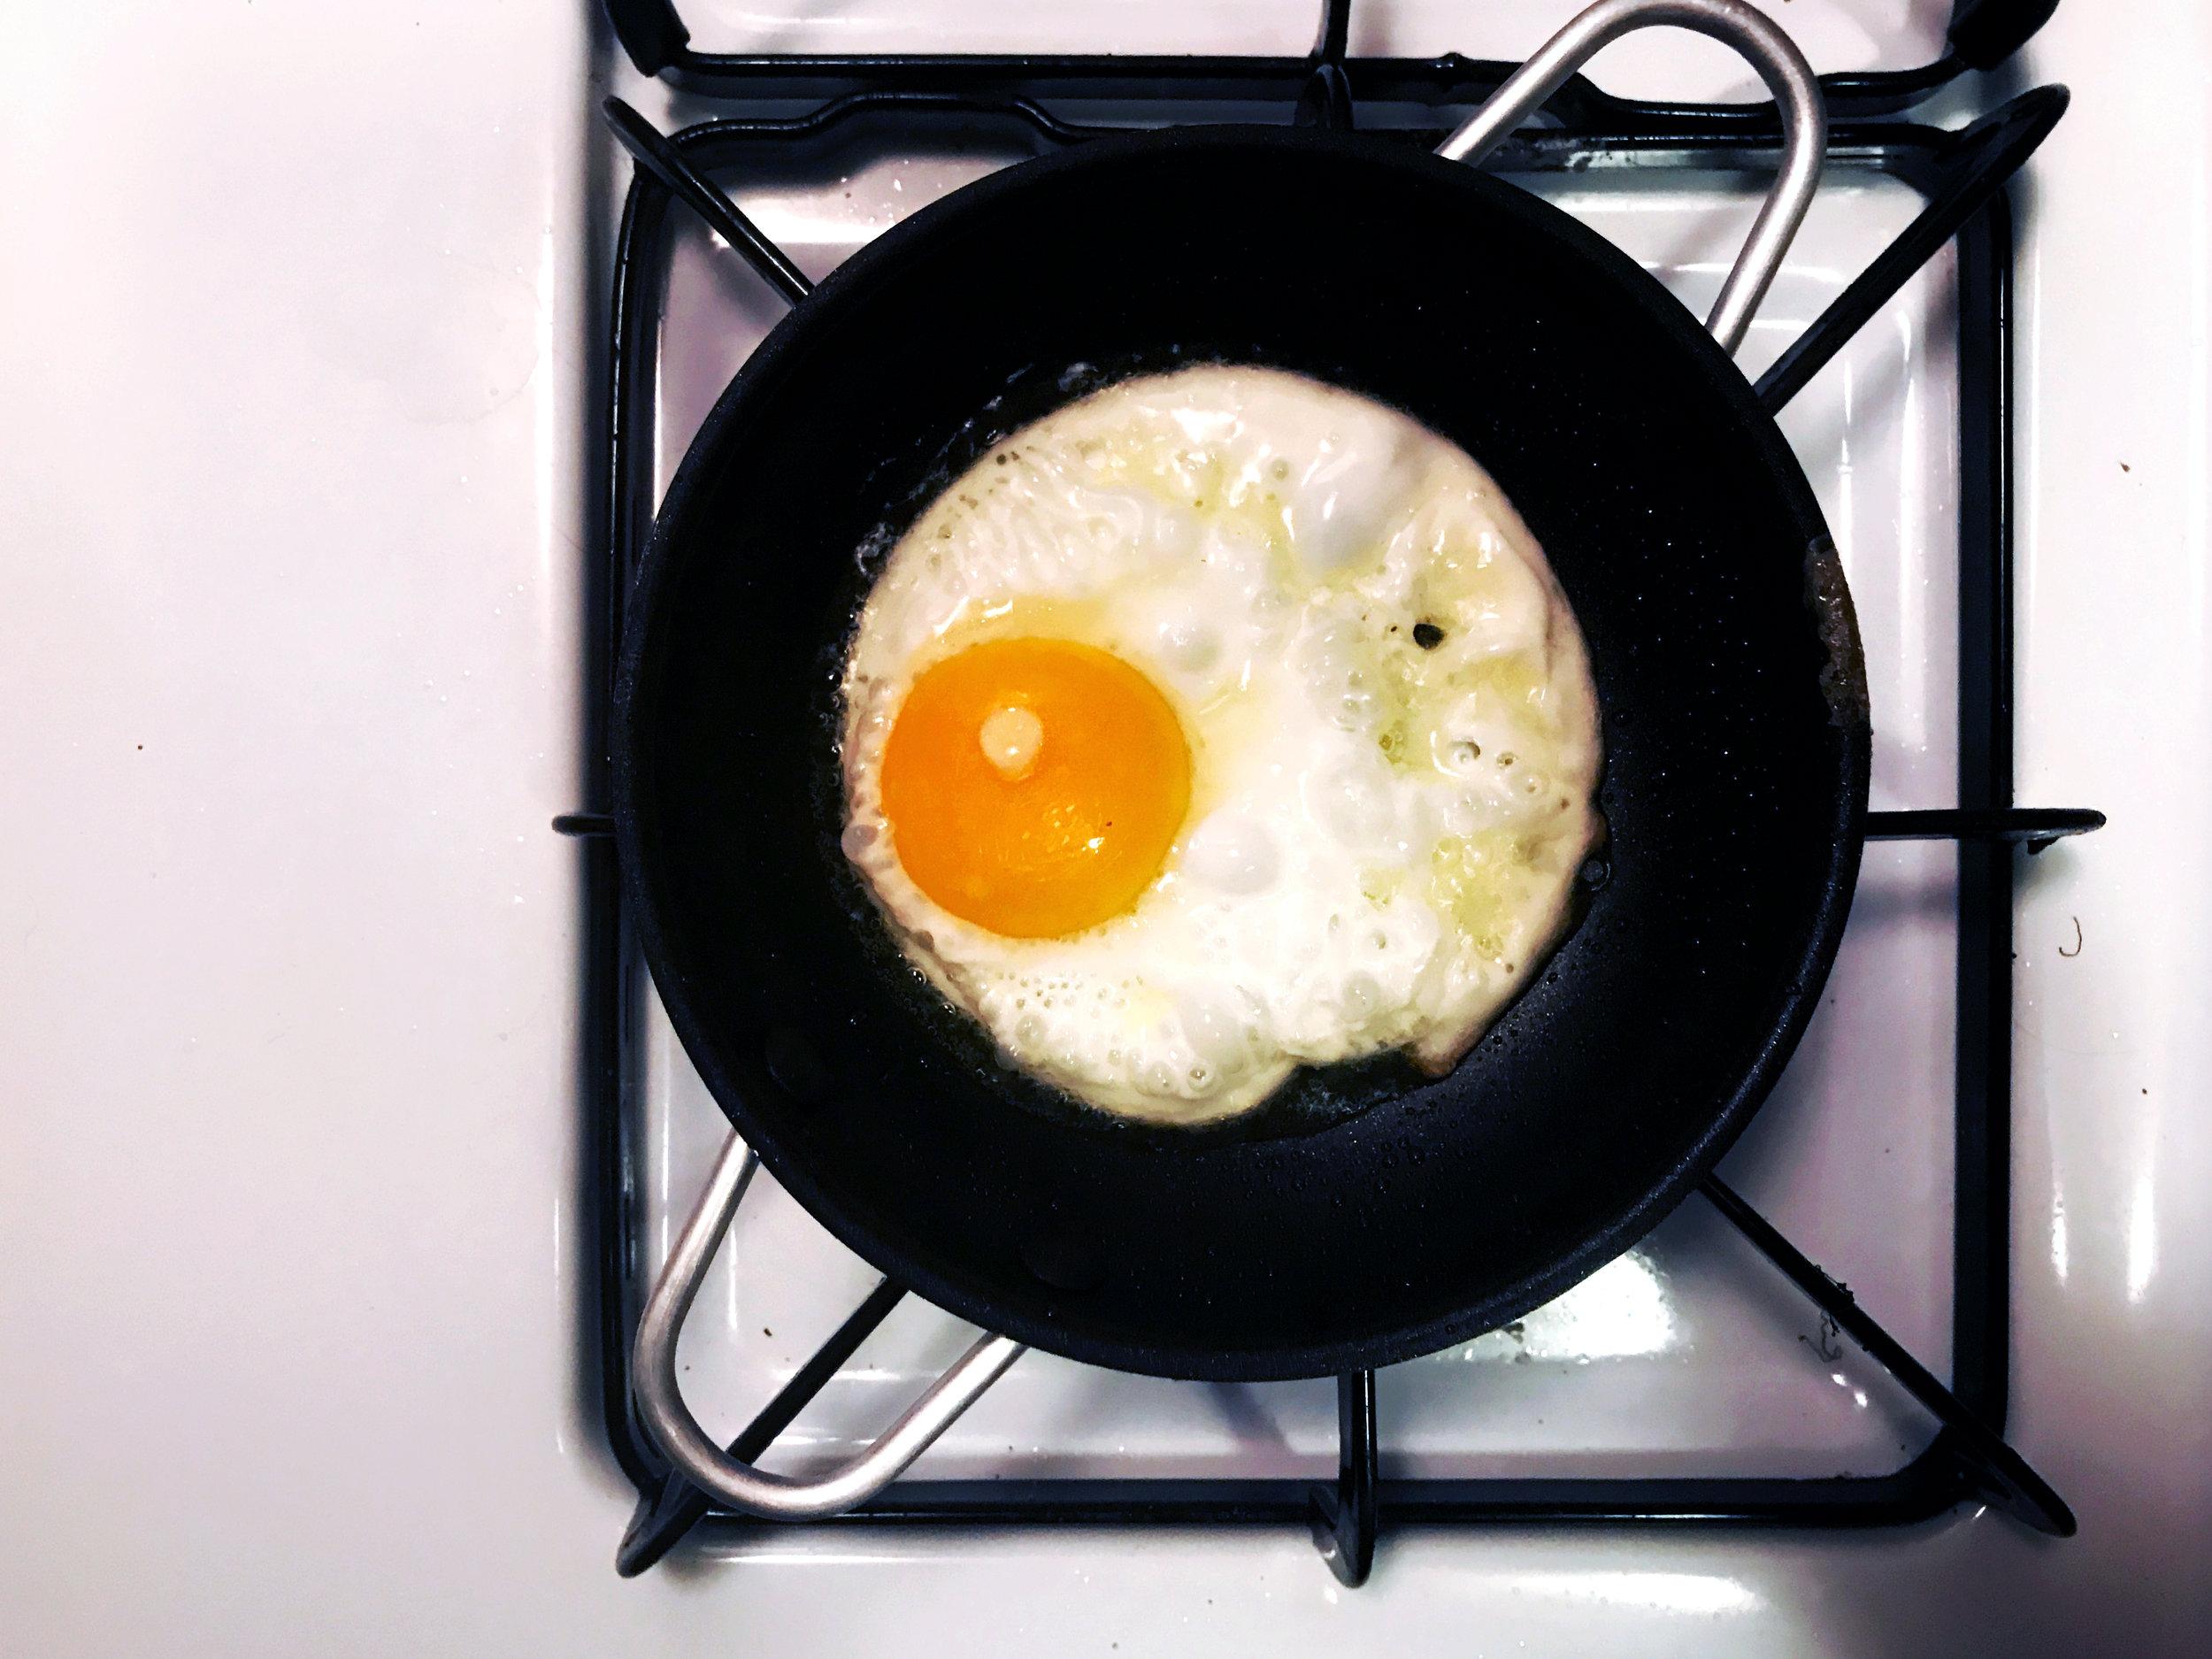 acid-trip-fried-egg-vinegar-1.jpg